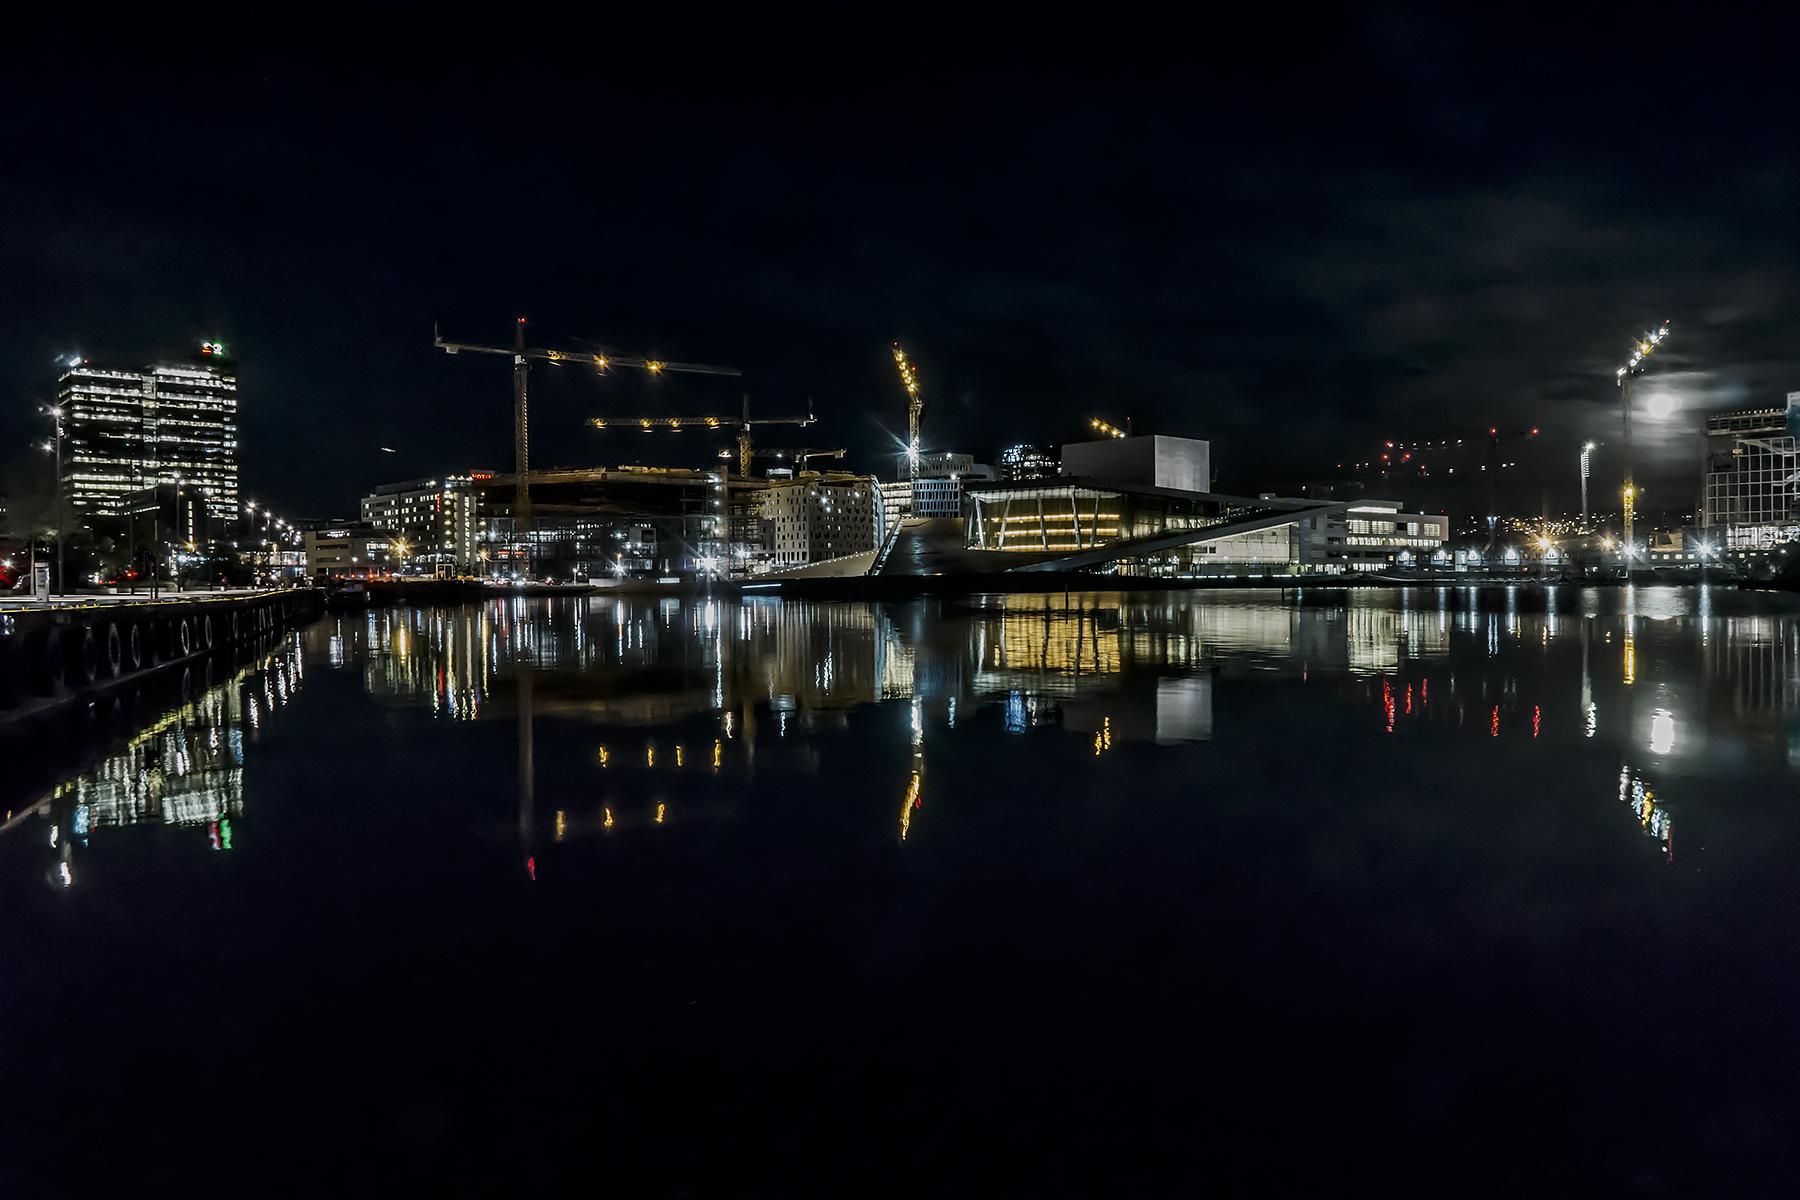 Carlos_Esguerra_Full Moon in Oslo-8596.jpg